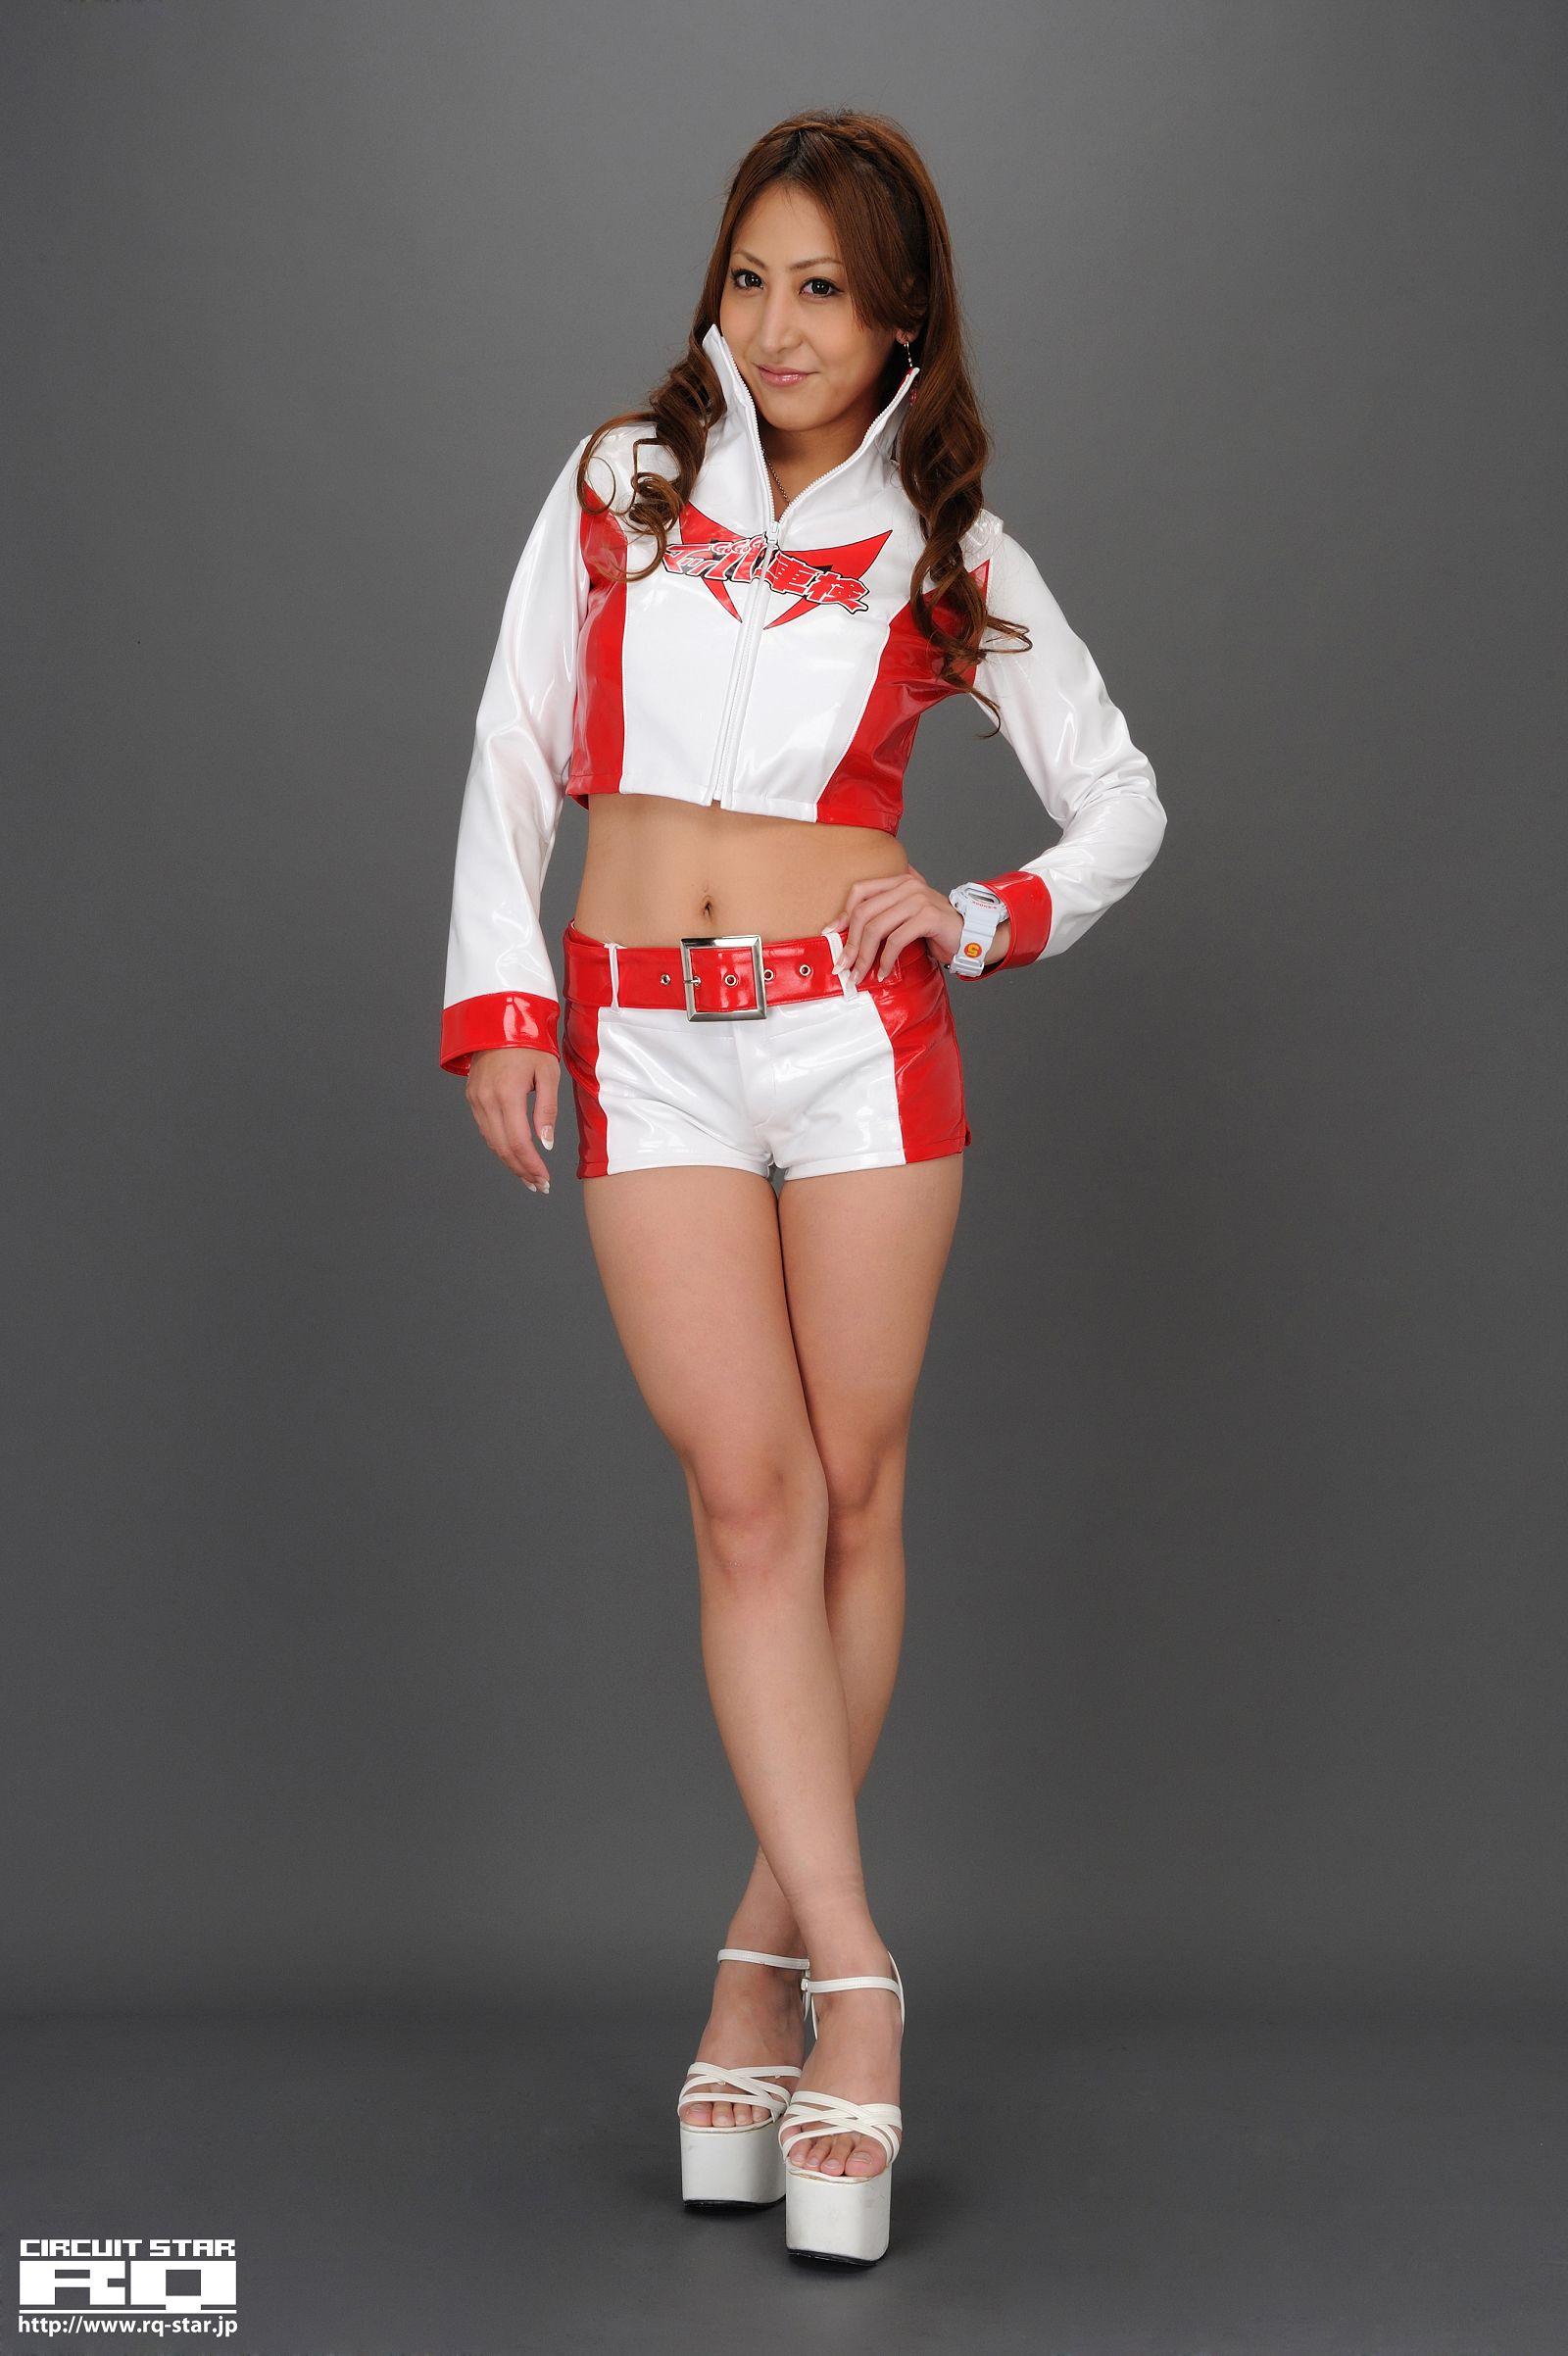 [RQ STAR美女] NO.00556 Yuika Anzai 安西結花 Race Queen[140P] RQ STAR 第1张